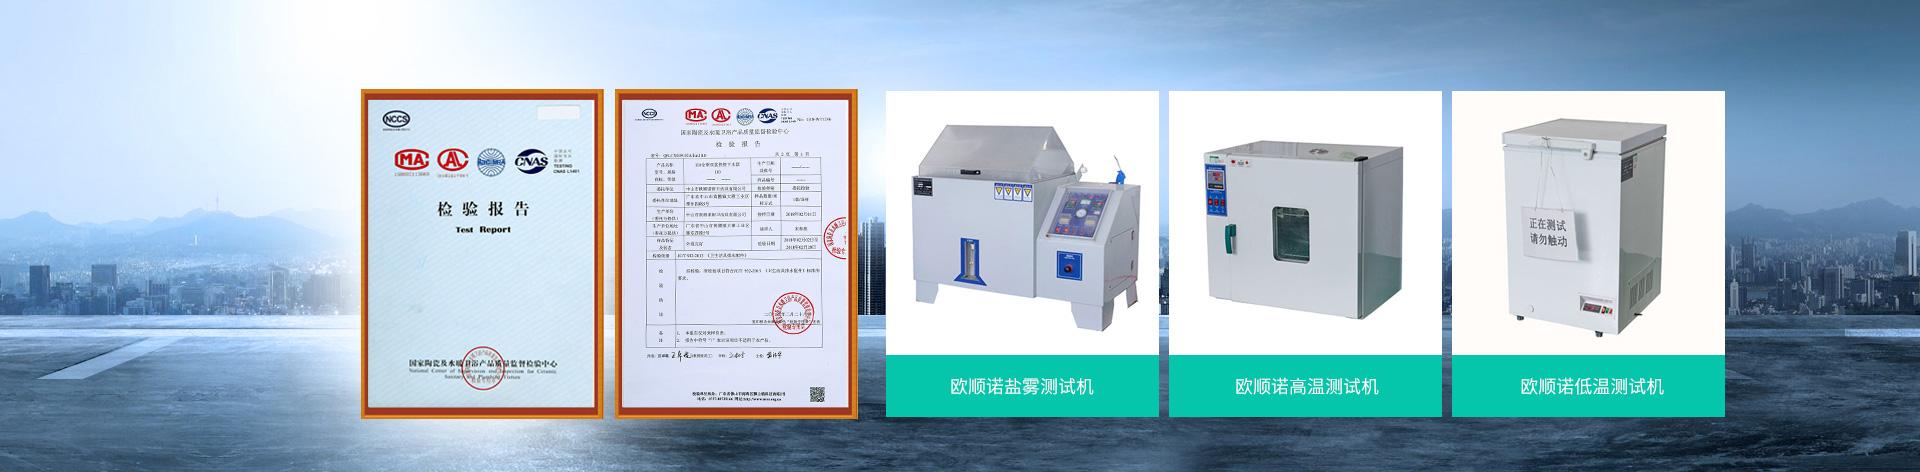 欧顺诺-自有试验设施,每一道工序都要经过严格的下水检测;每一批产品都有检测报告认证书,质量有保障